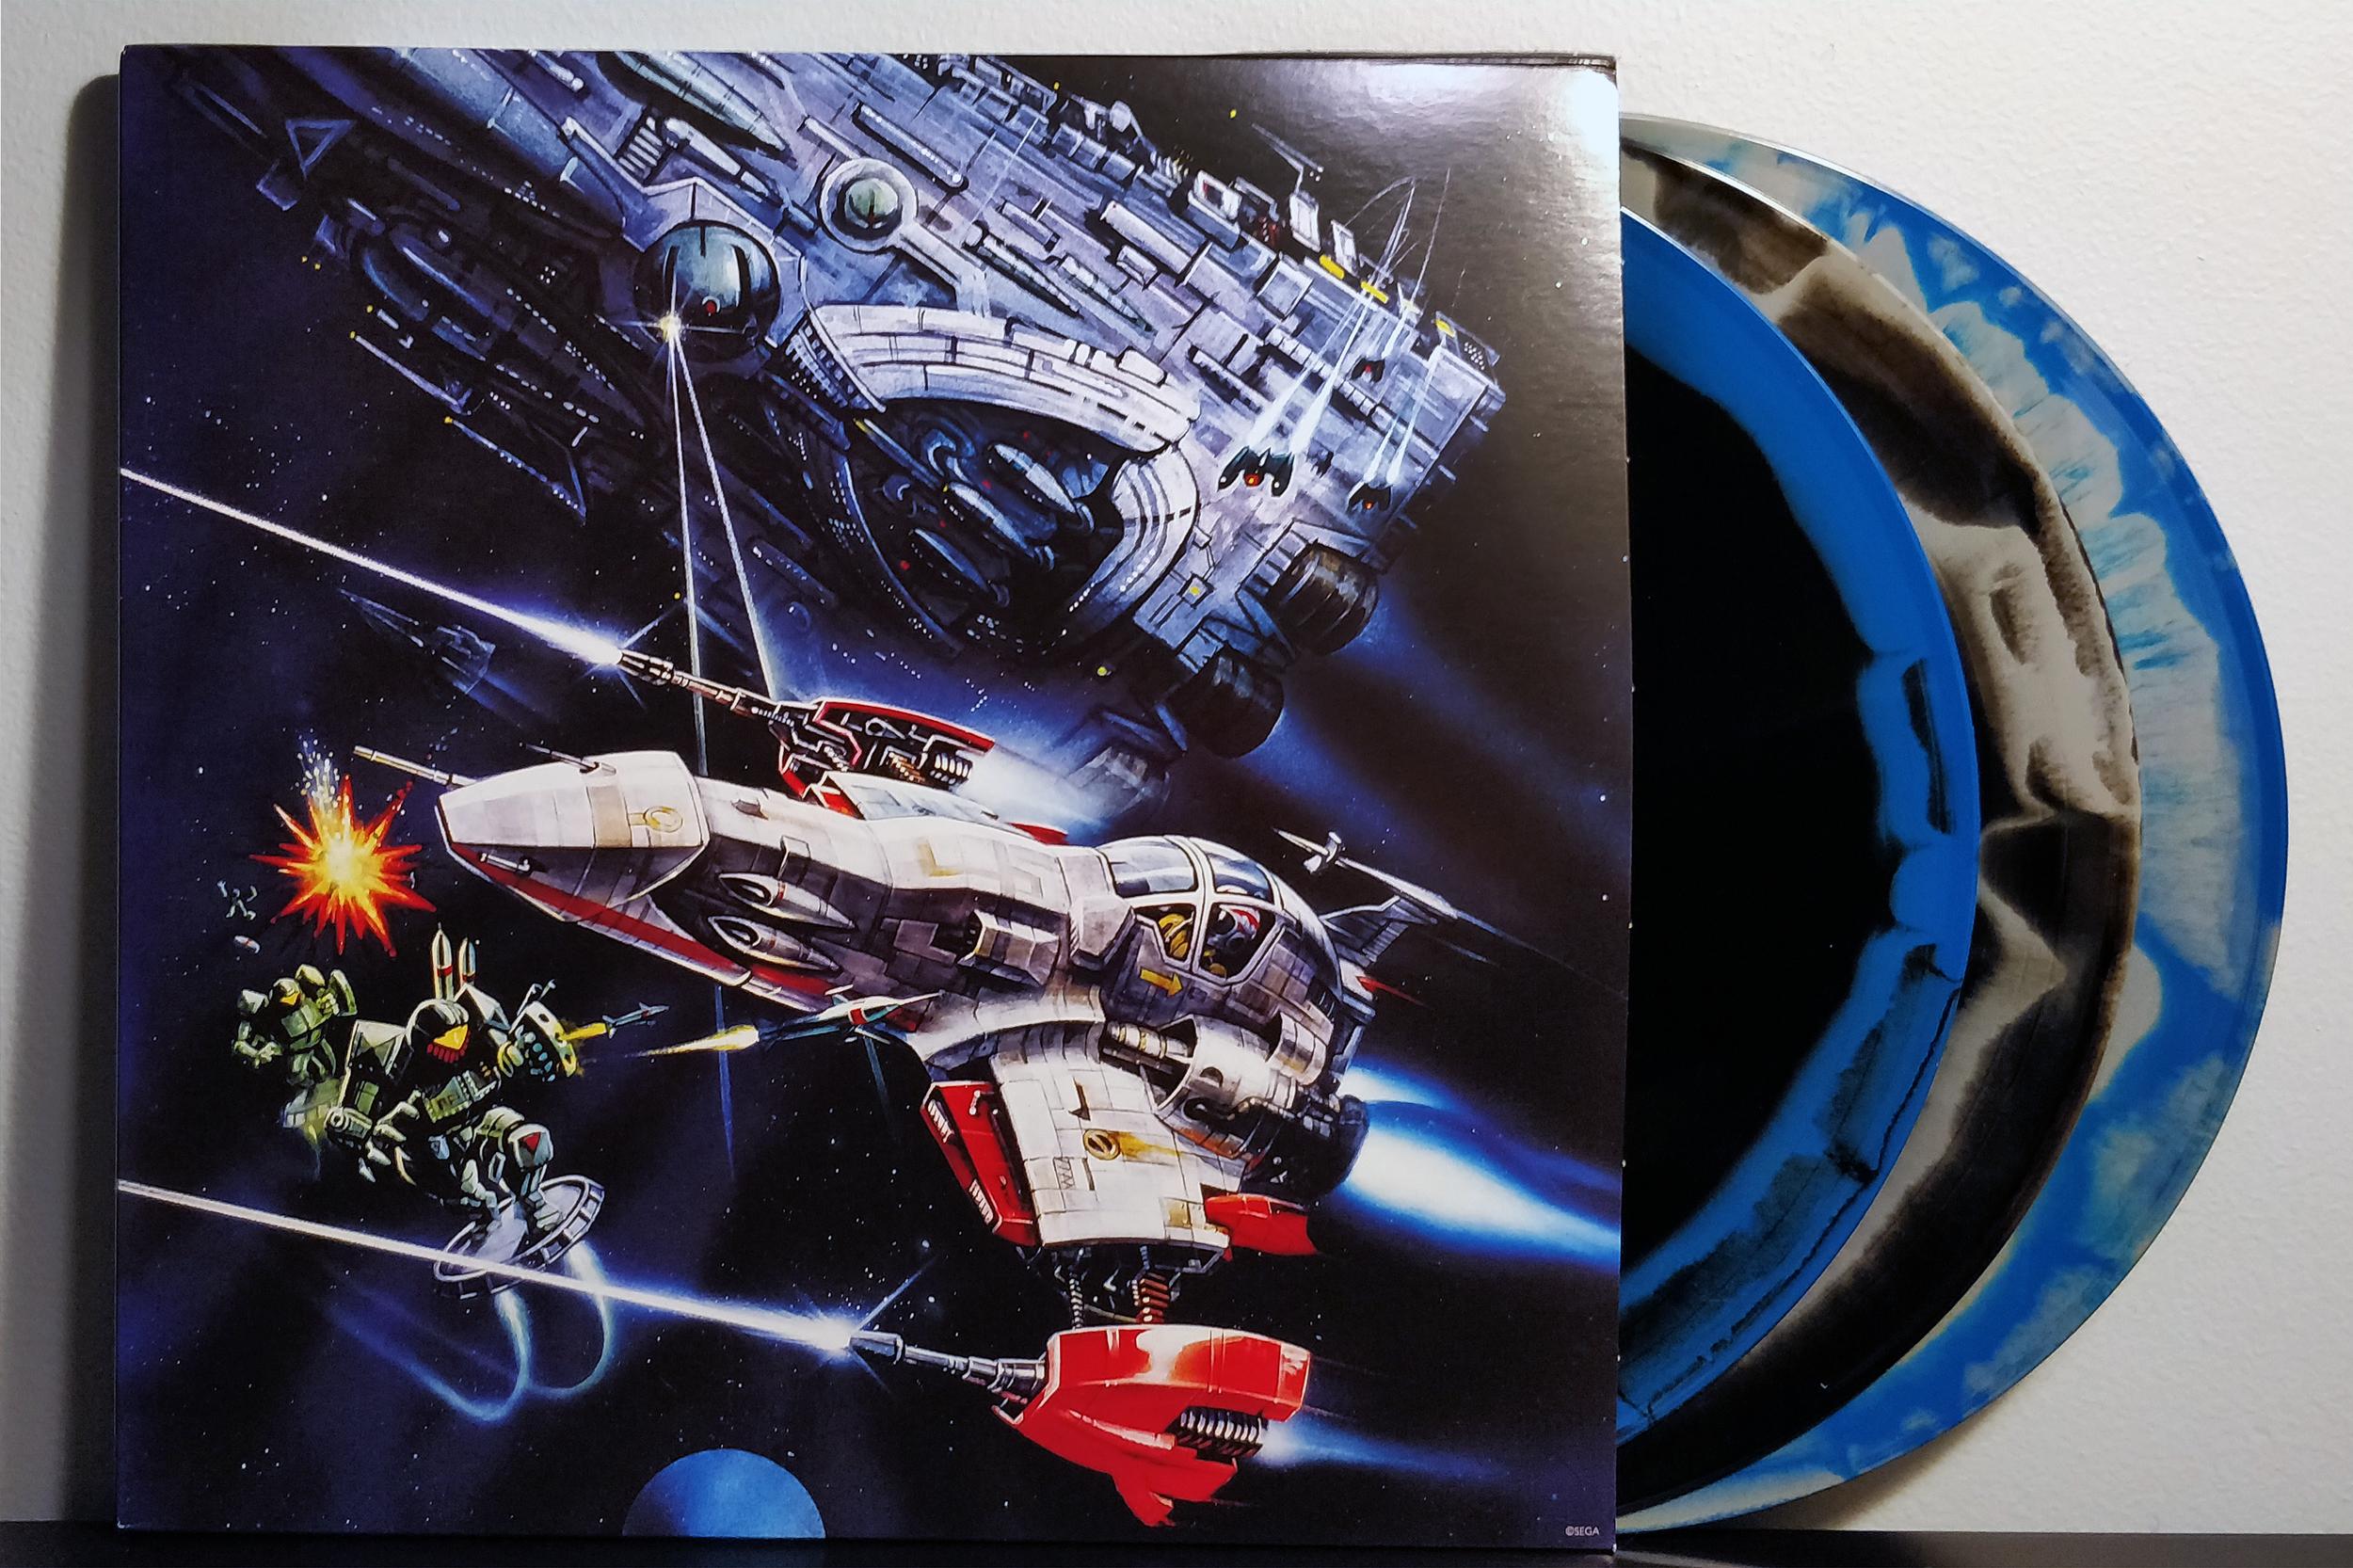 Thunder Force IV by Takeshi Yoshida & Toshiharu Yamanishi pressed on Limited Edition Blue, Black & Grey Swirl Combo by Data Discs